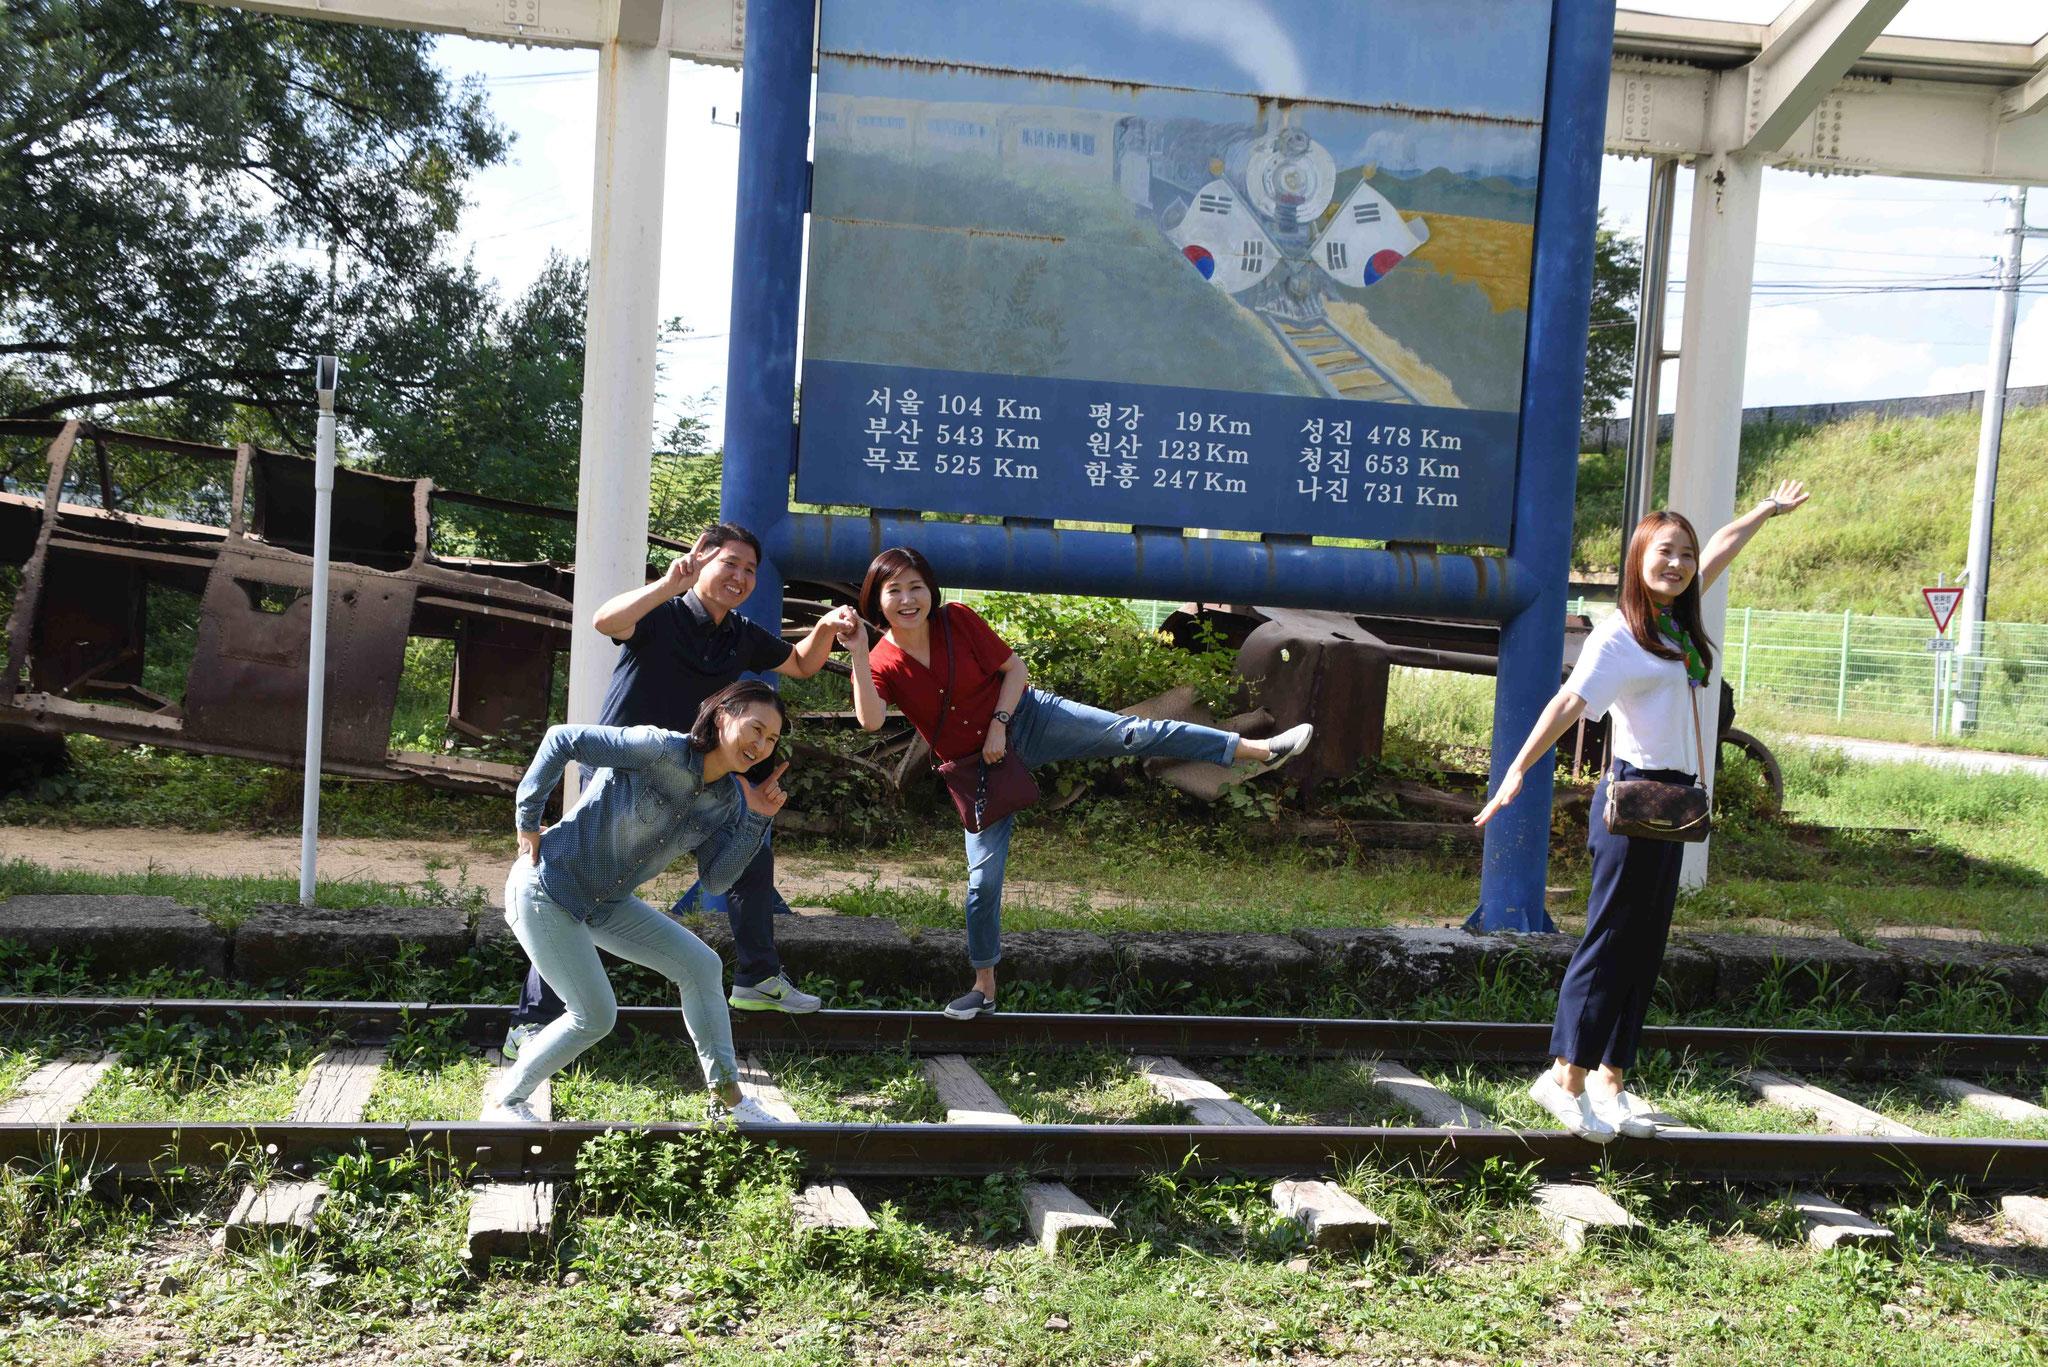 Erinnerungsbild an einer zerstörten Zuglinie nach Nordkorea